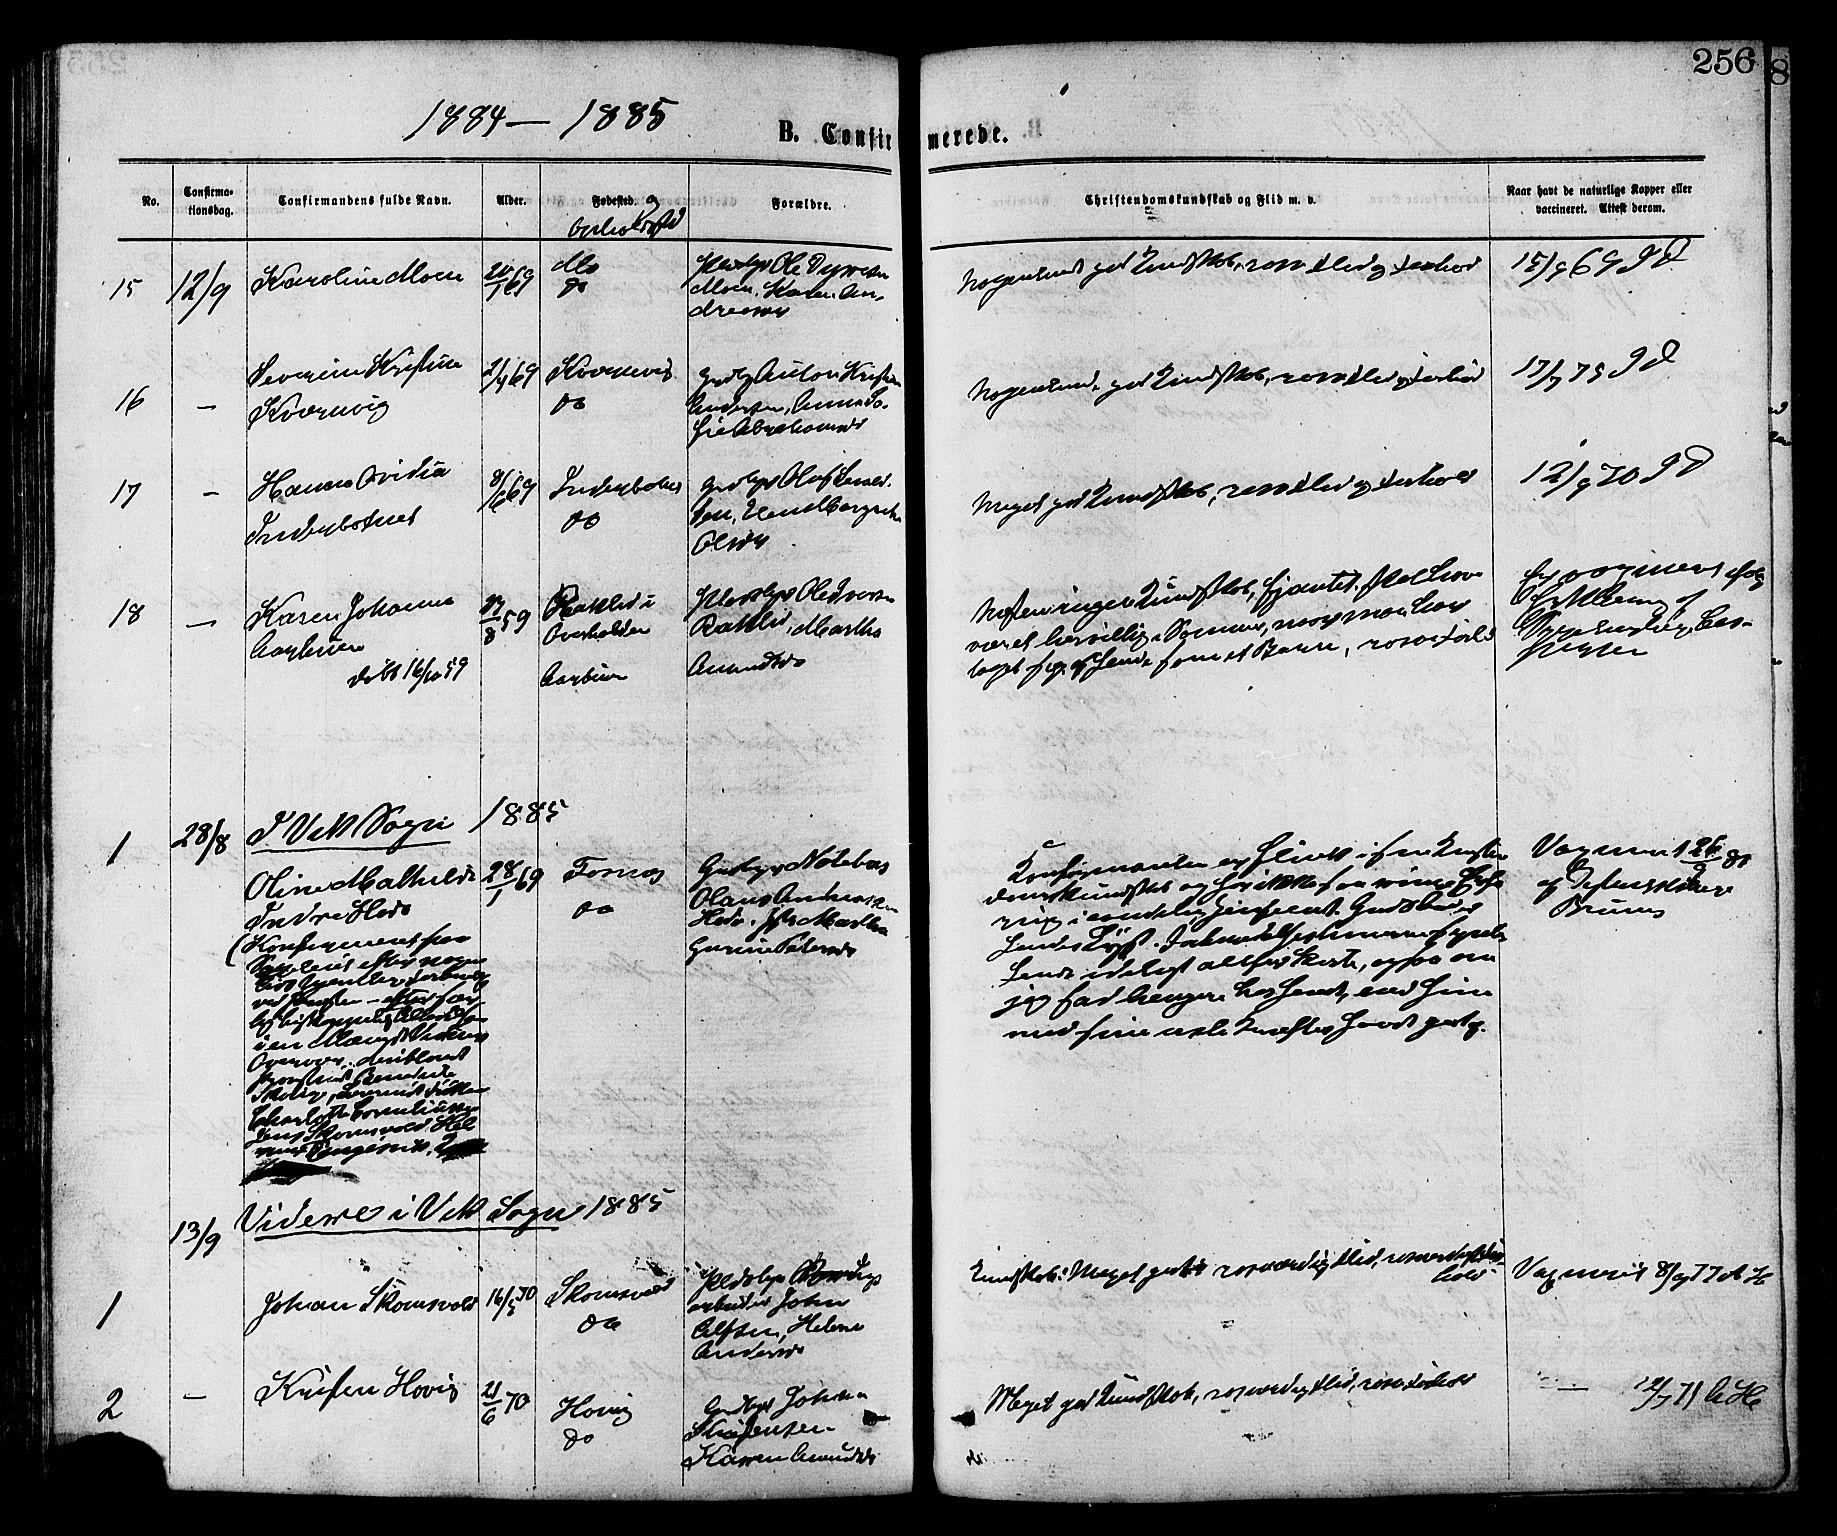 SAT, Ministerialprotokoller, klokkerbøker og fødselsregistre - Nord-Trøndelag, 773/L0616: Ministerialbok nr. 773A07, 1870-1887, s. 256